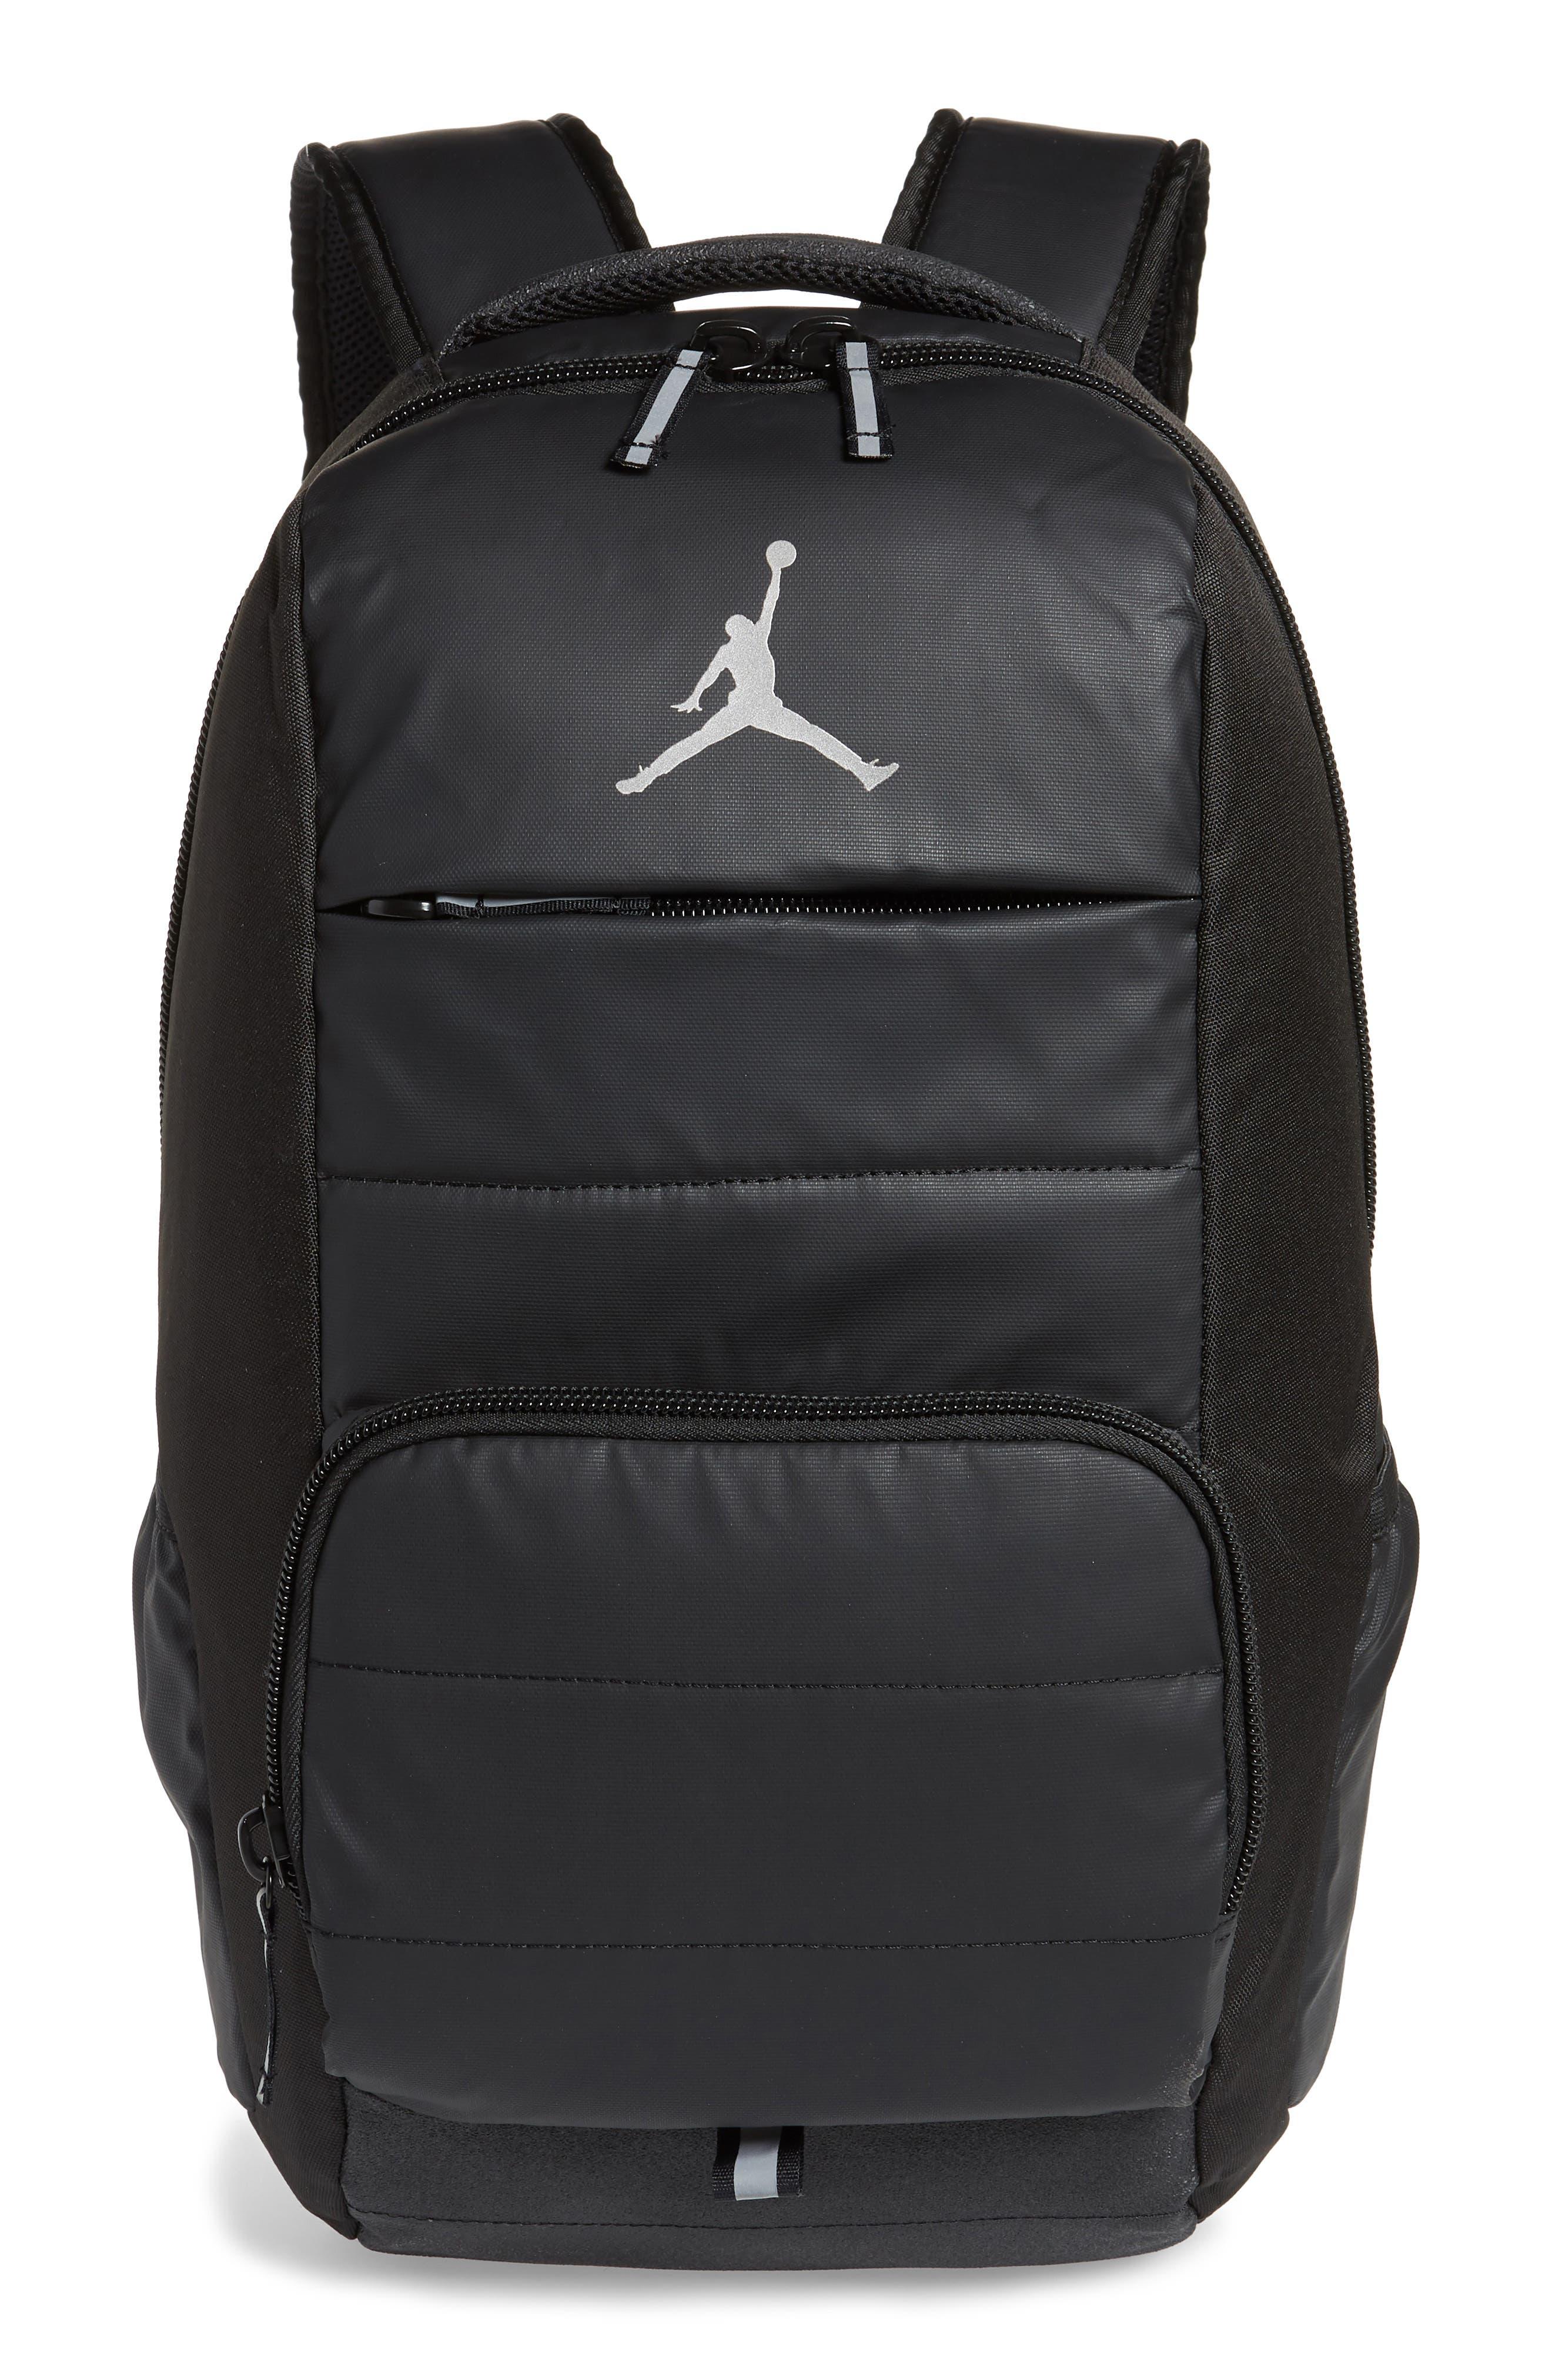 Boys Jordan All World Backpack  Black